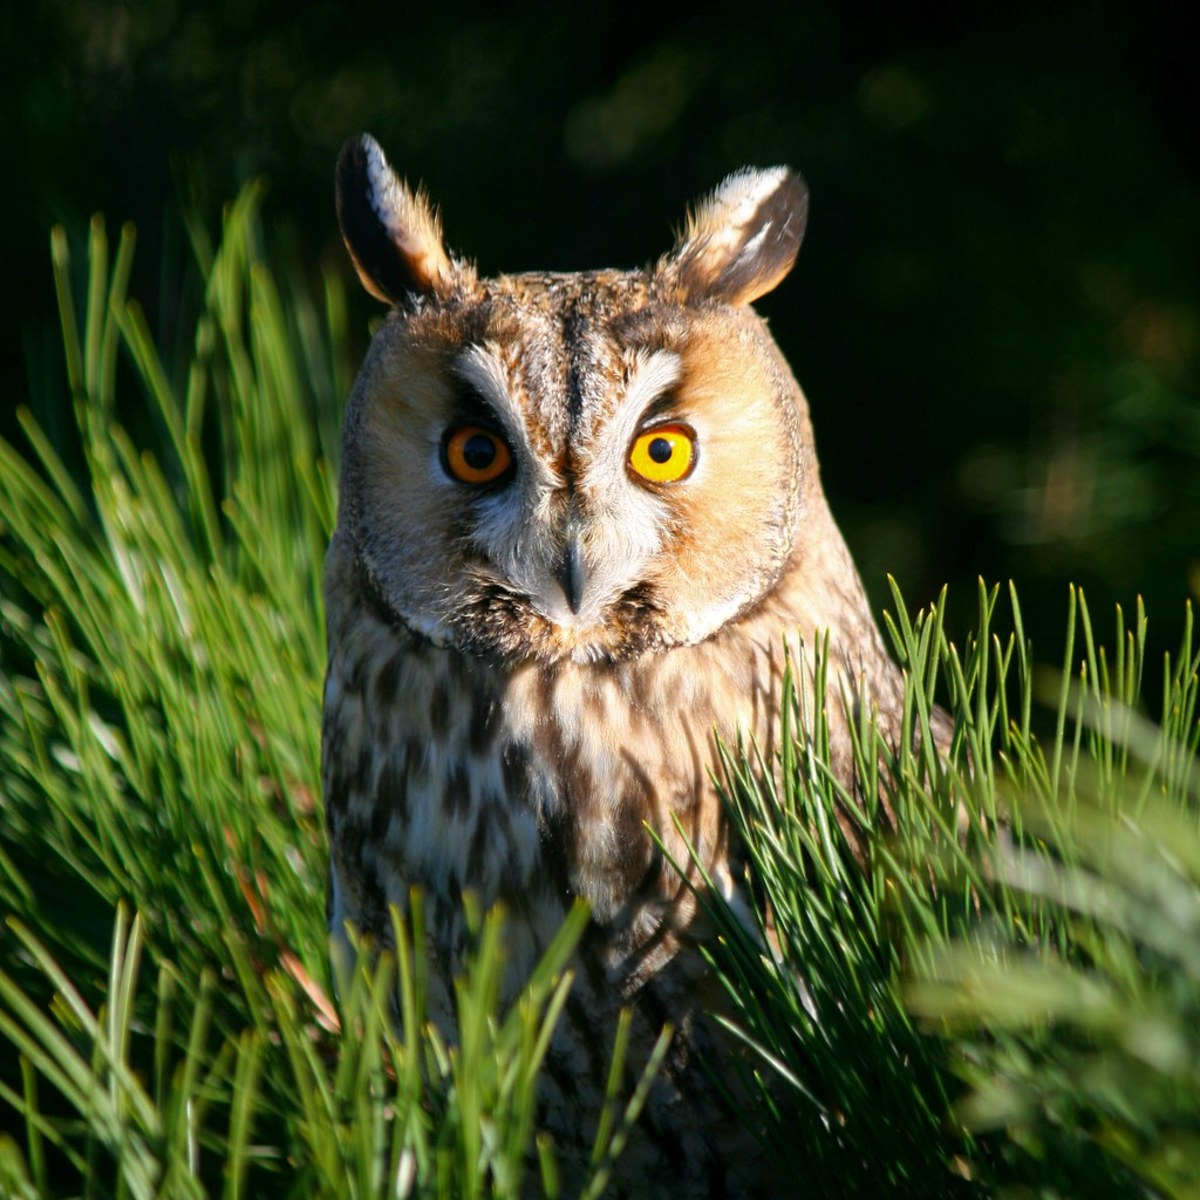 A long-eared owl.